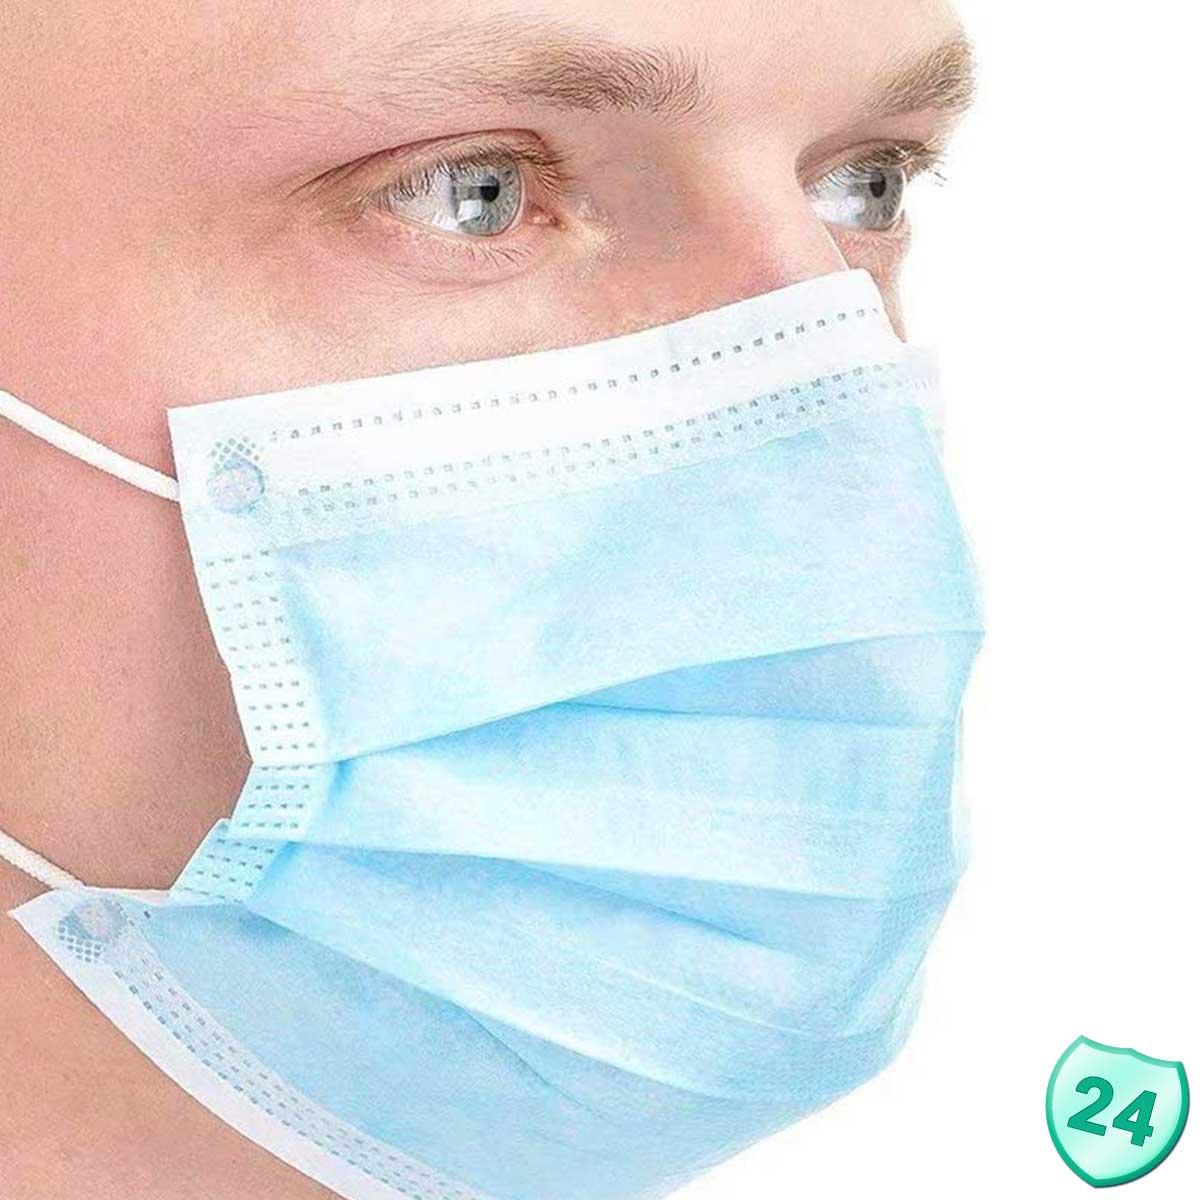 500 zertifizierter Mundschutz 3-lagig, MNS Atemschutz Einwegmaske